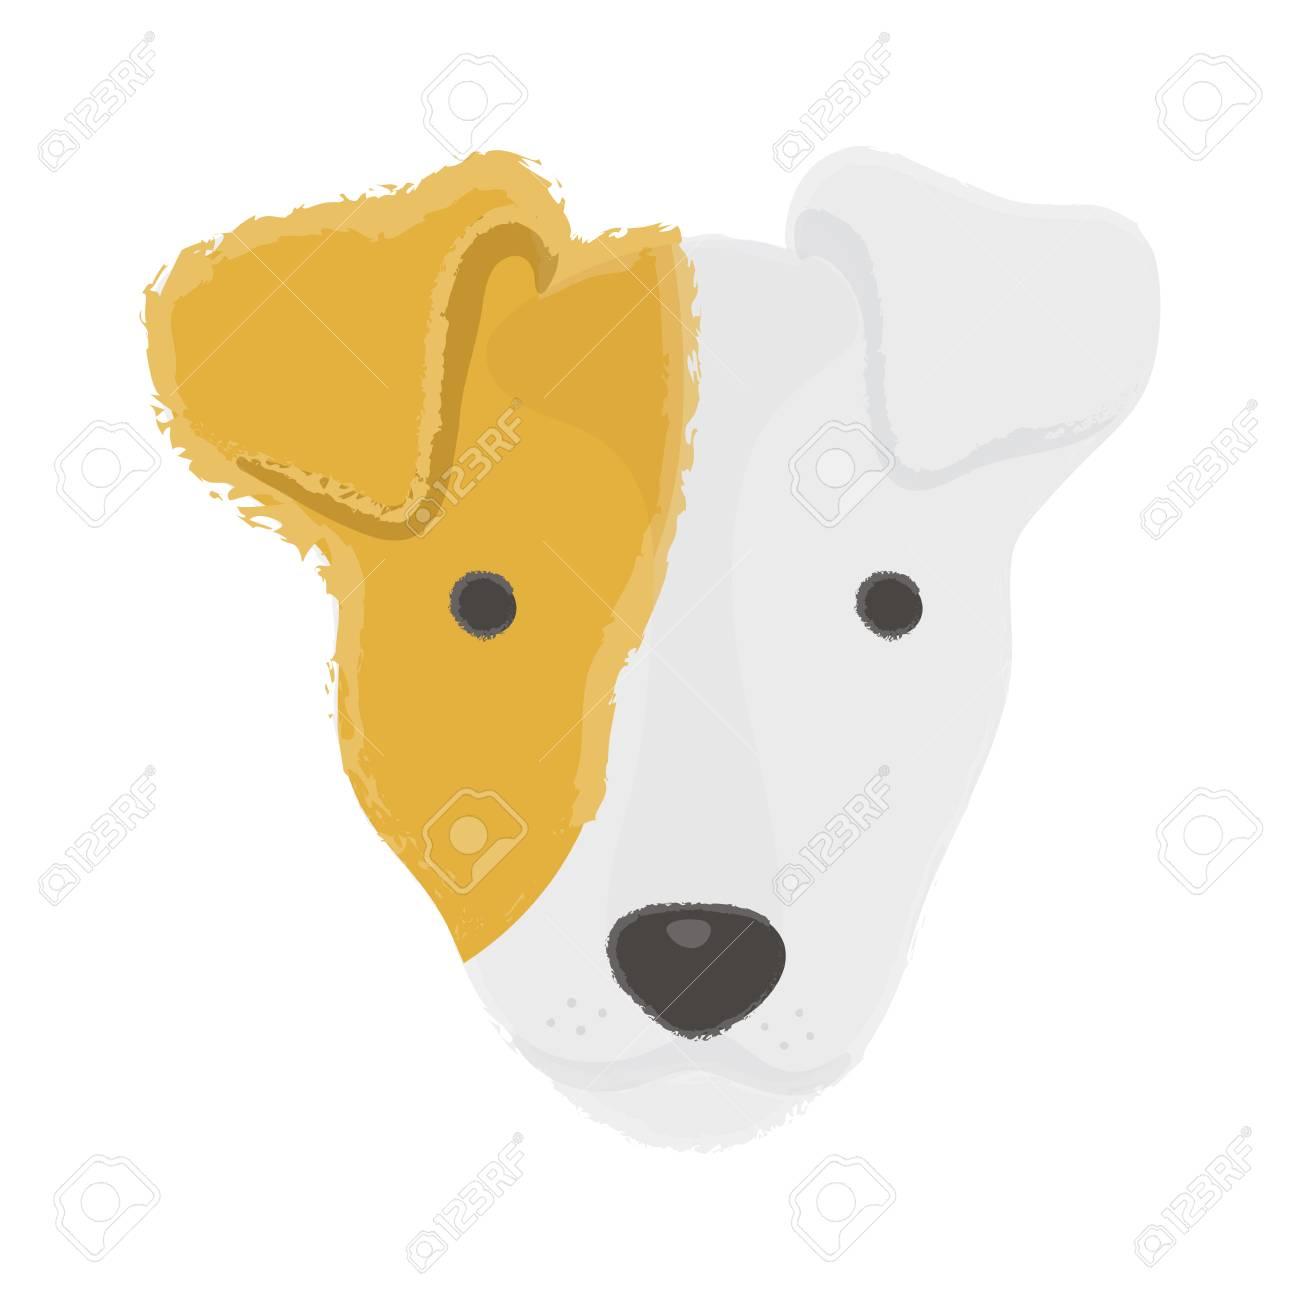 Pet dog concept - 116056342